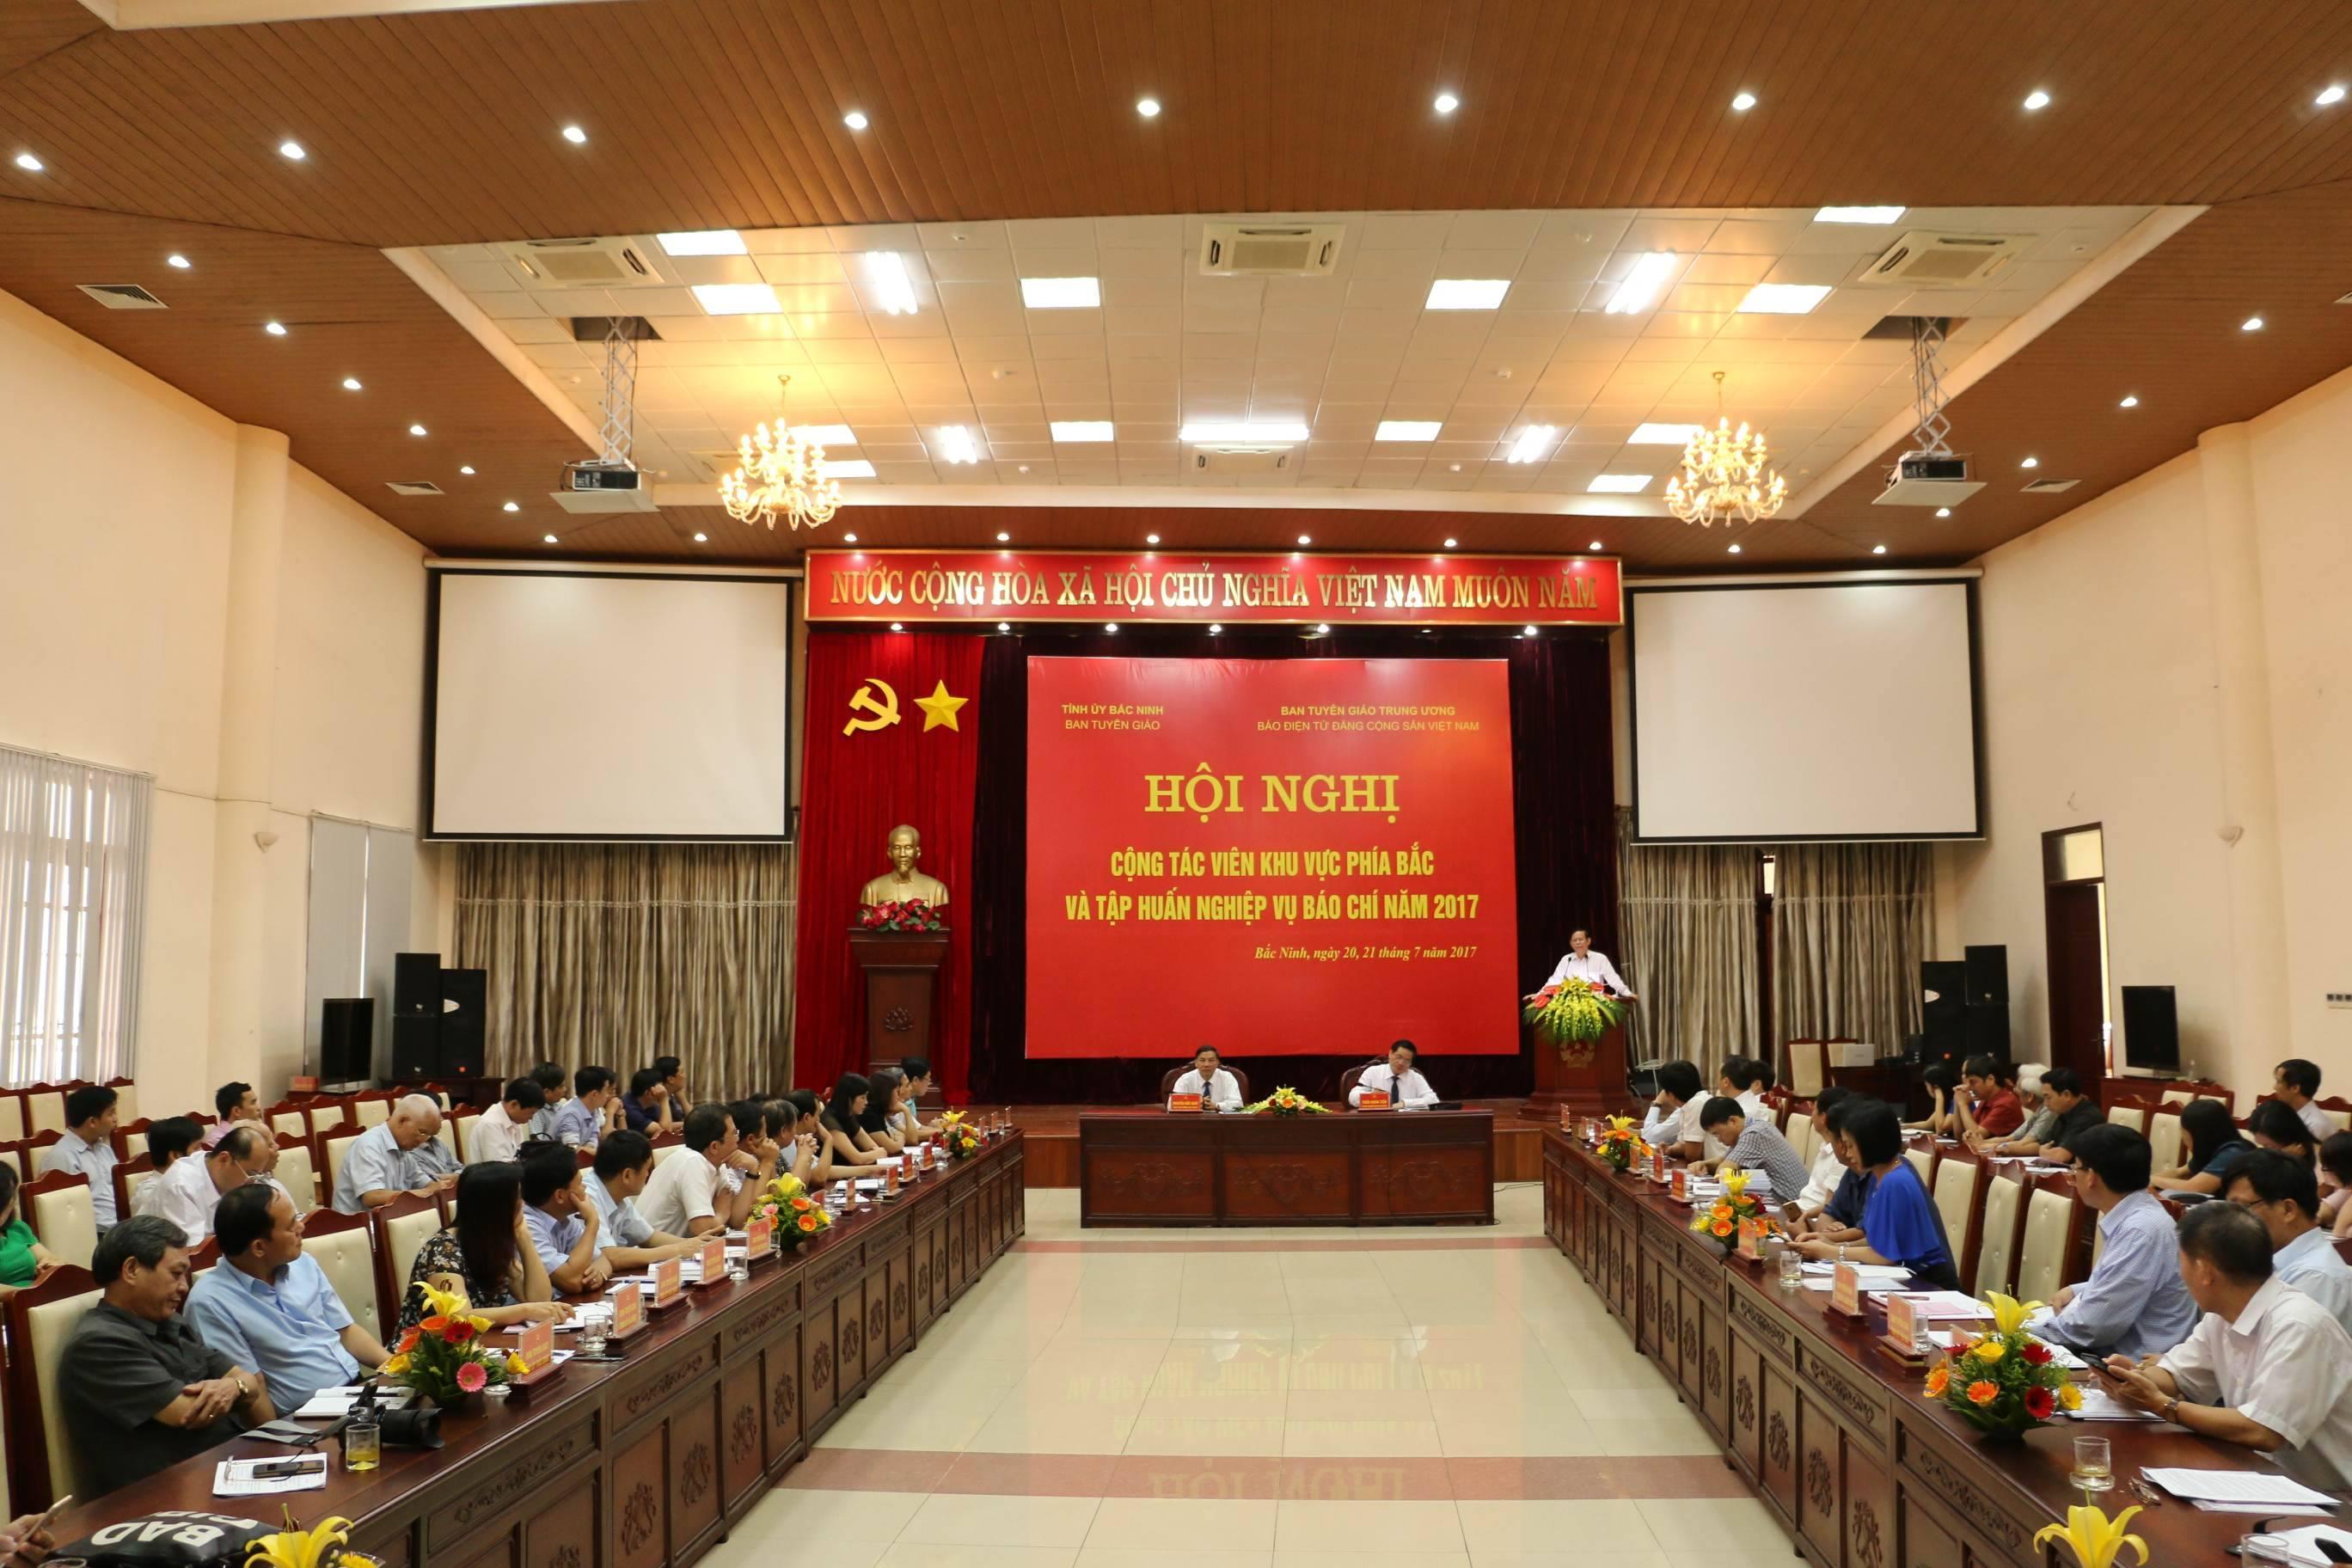 Báo điện tử Đảng Cộng sản Việt Nam tổ chức Hội nghị Cộng tác viên khu vực phía Bắc